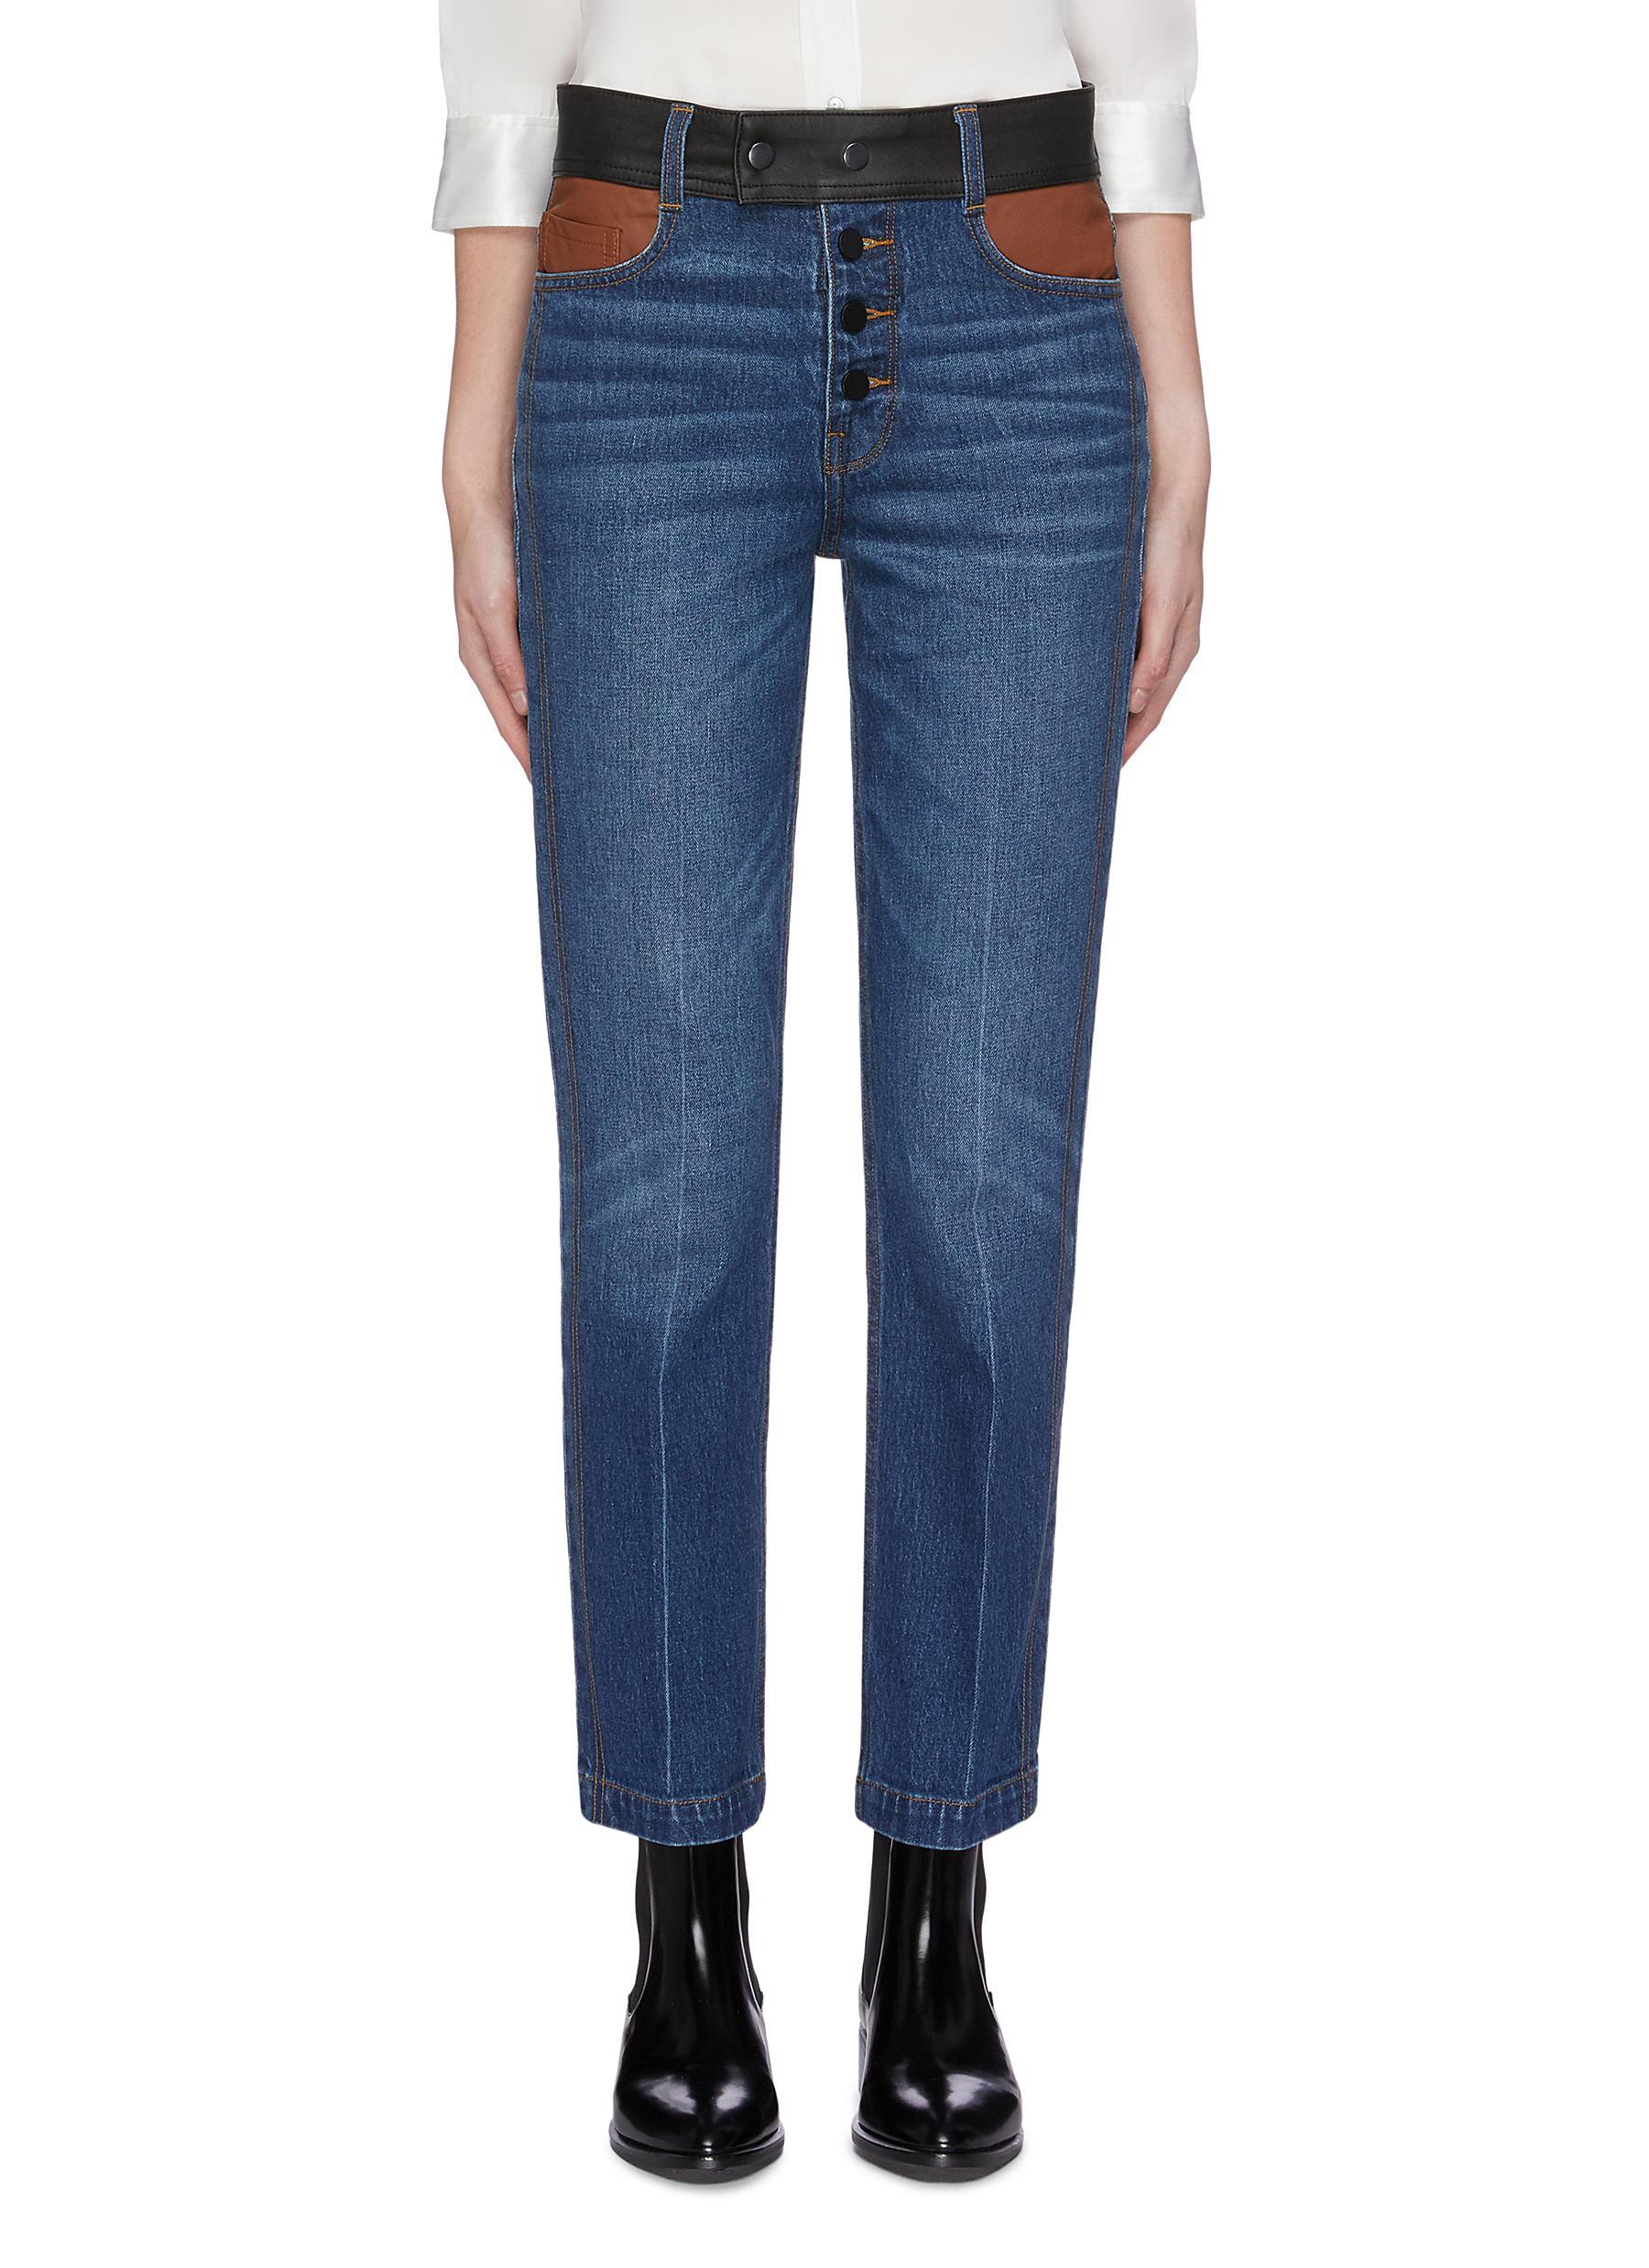 Sylvie colourblock leather waistband jeans by Frame Denim